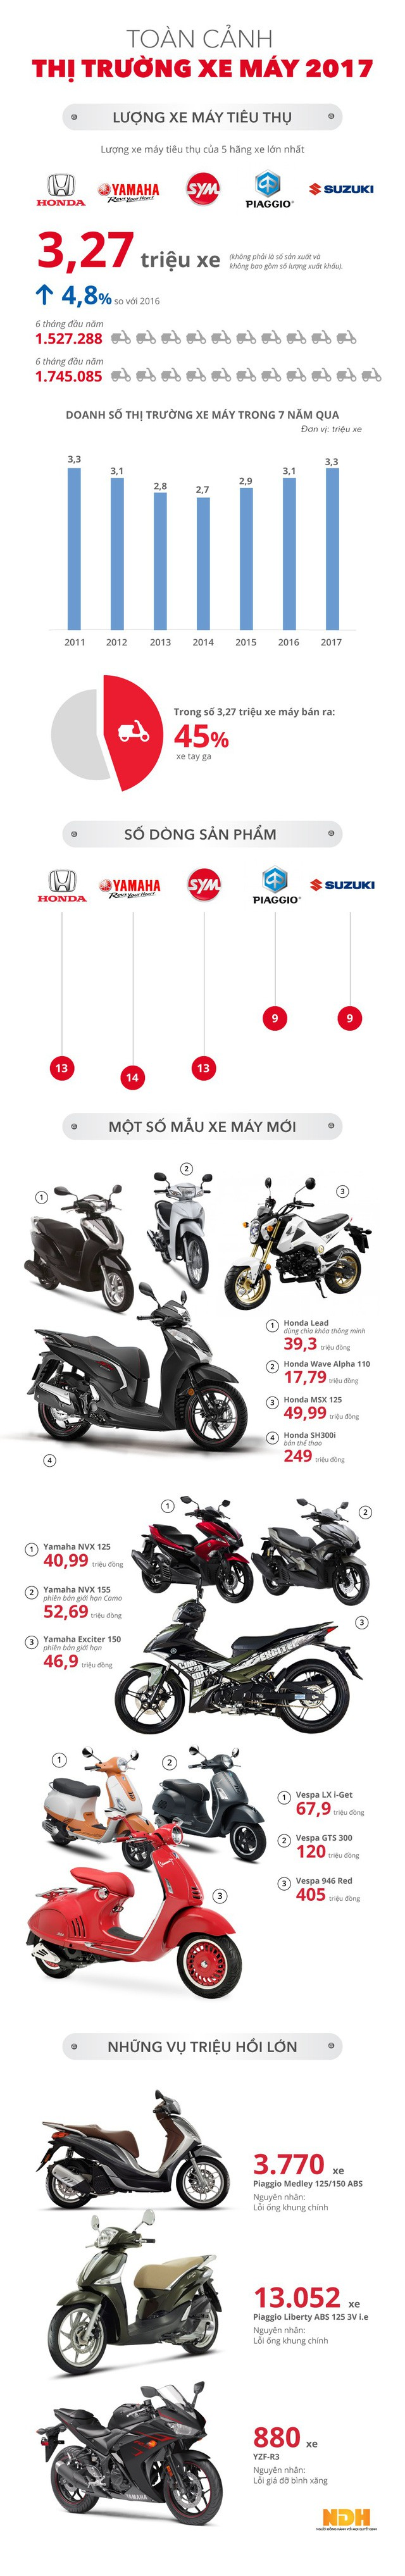 [Infographic] Toàn cảnh thị trường xe máy Việt Nam 2017 - Ảnh 1.